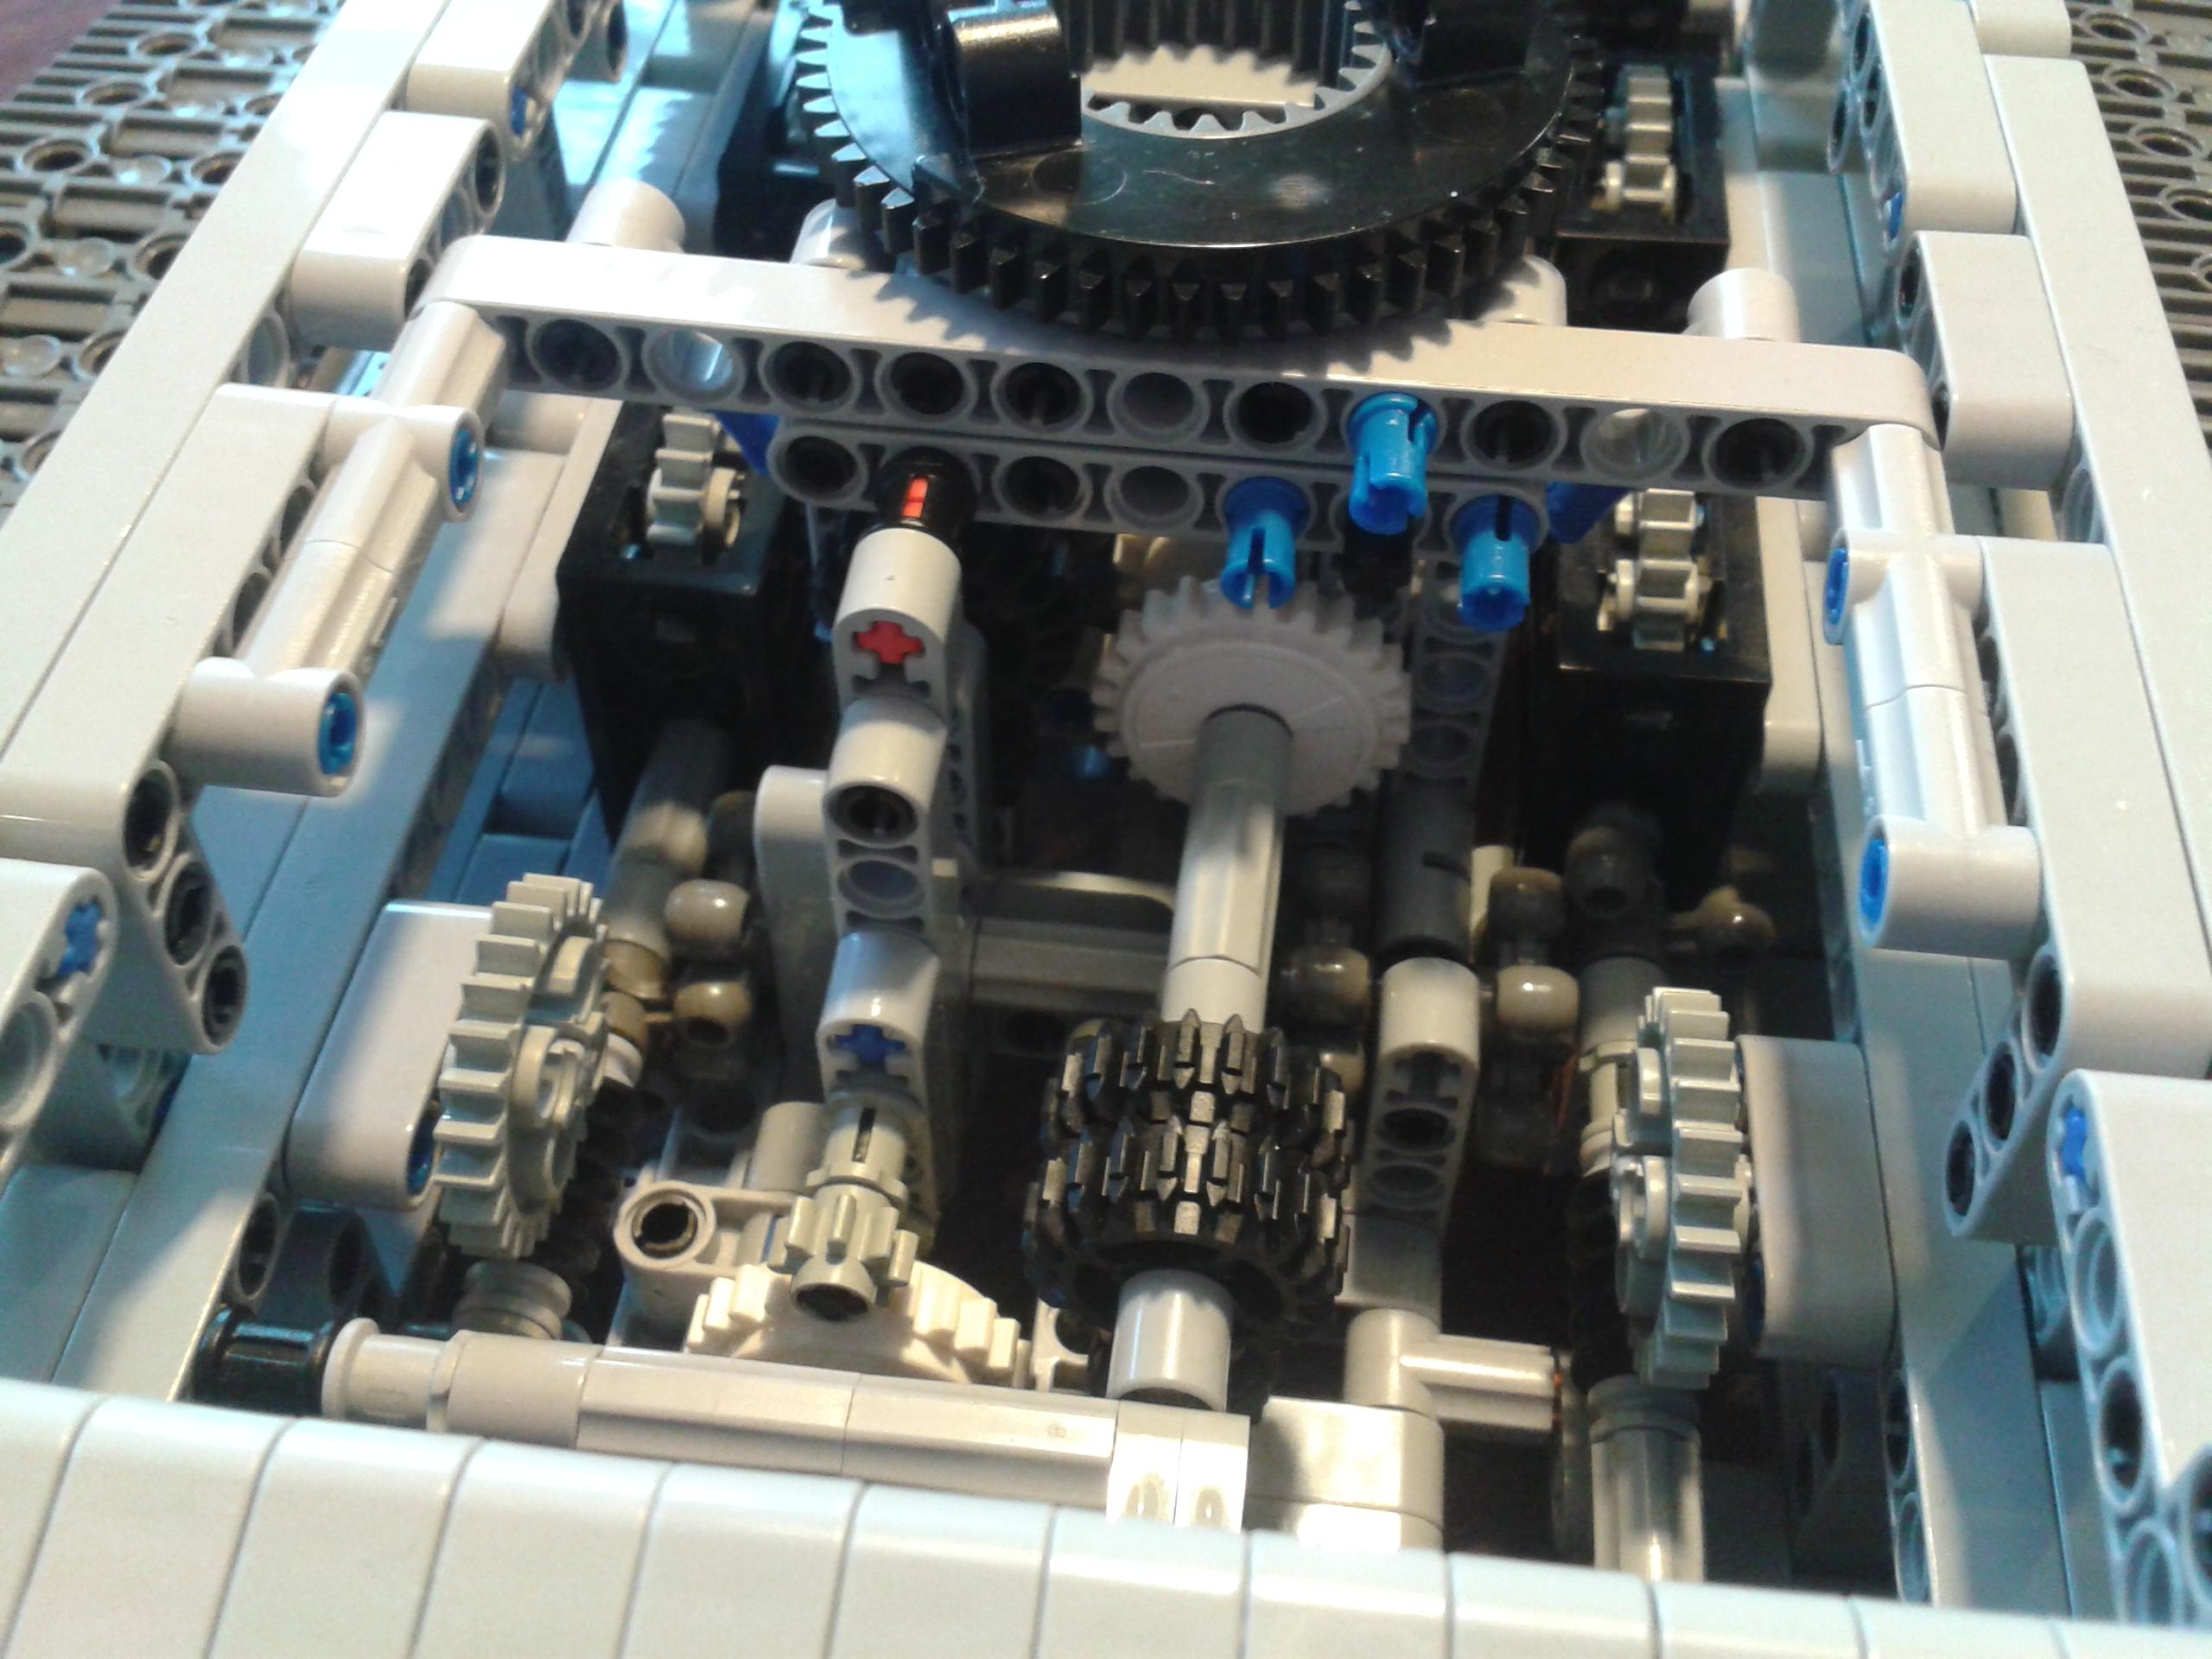 Lego_leo2_011